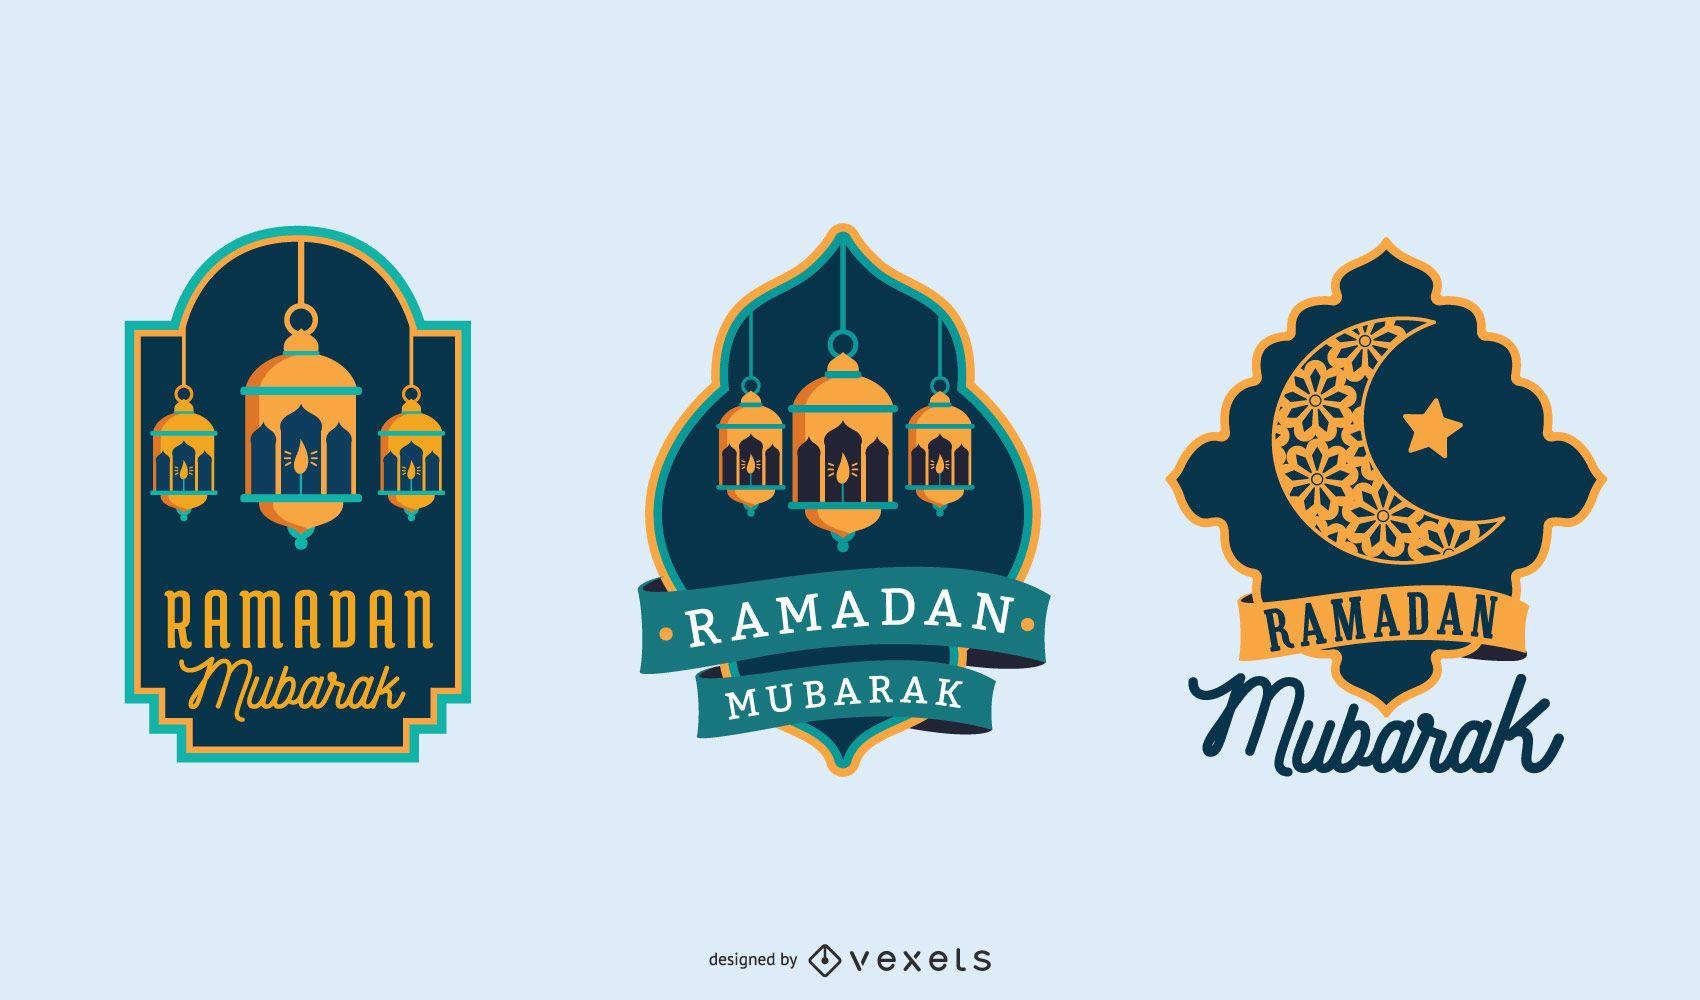 Ramadan Mubarak Night Illustration